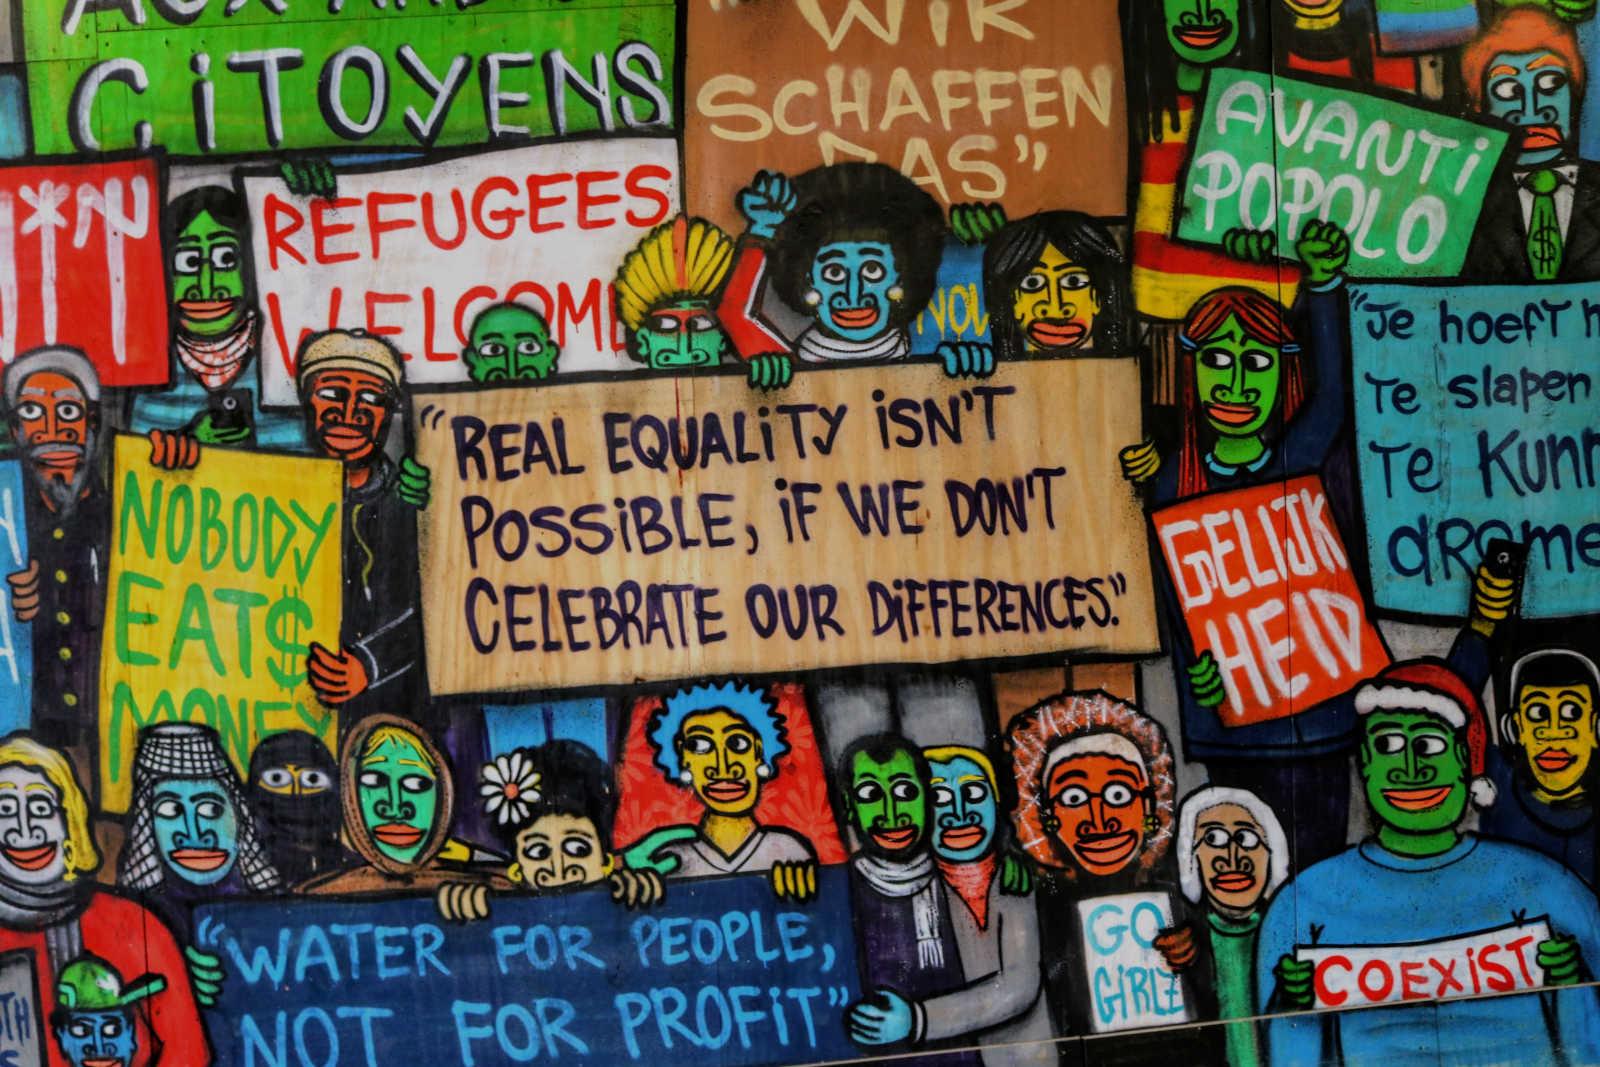 la-commune-est-a-nous.commonspolis.org